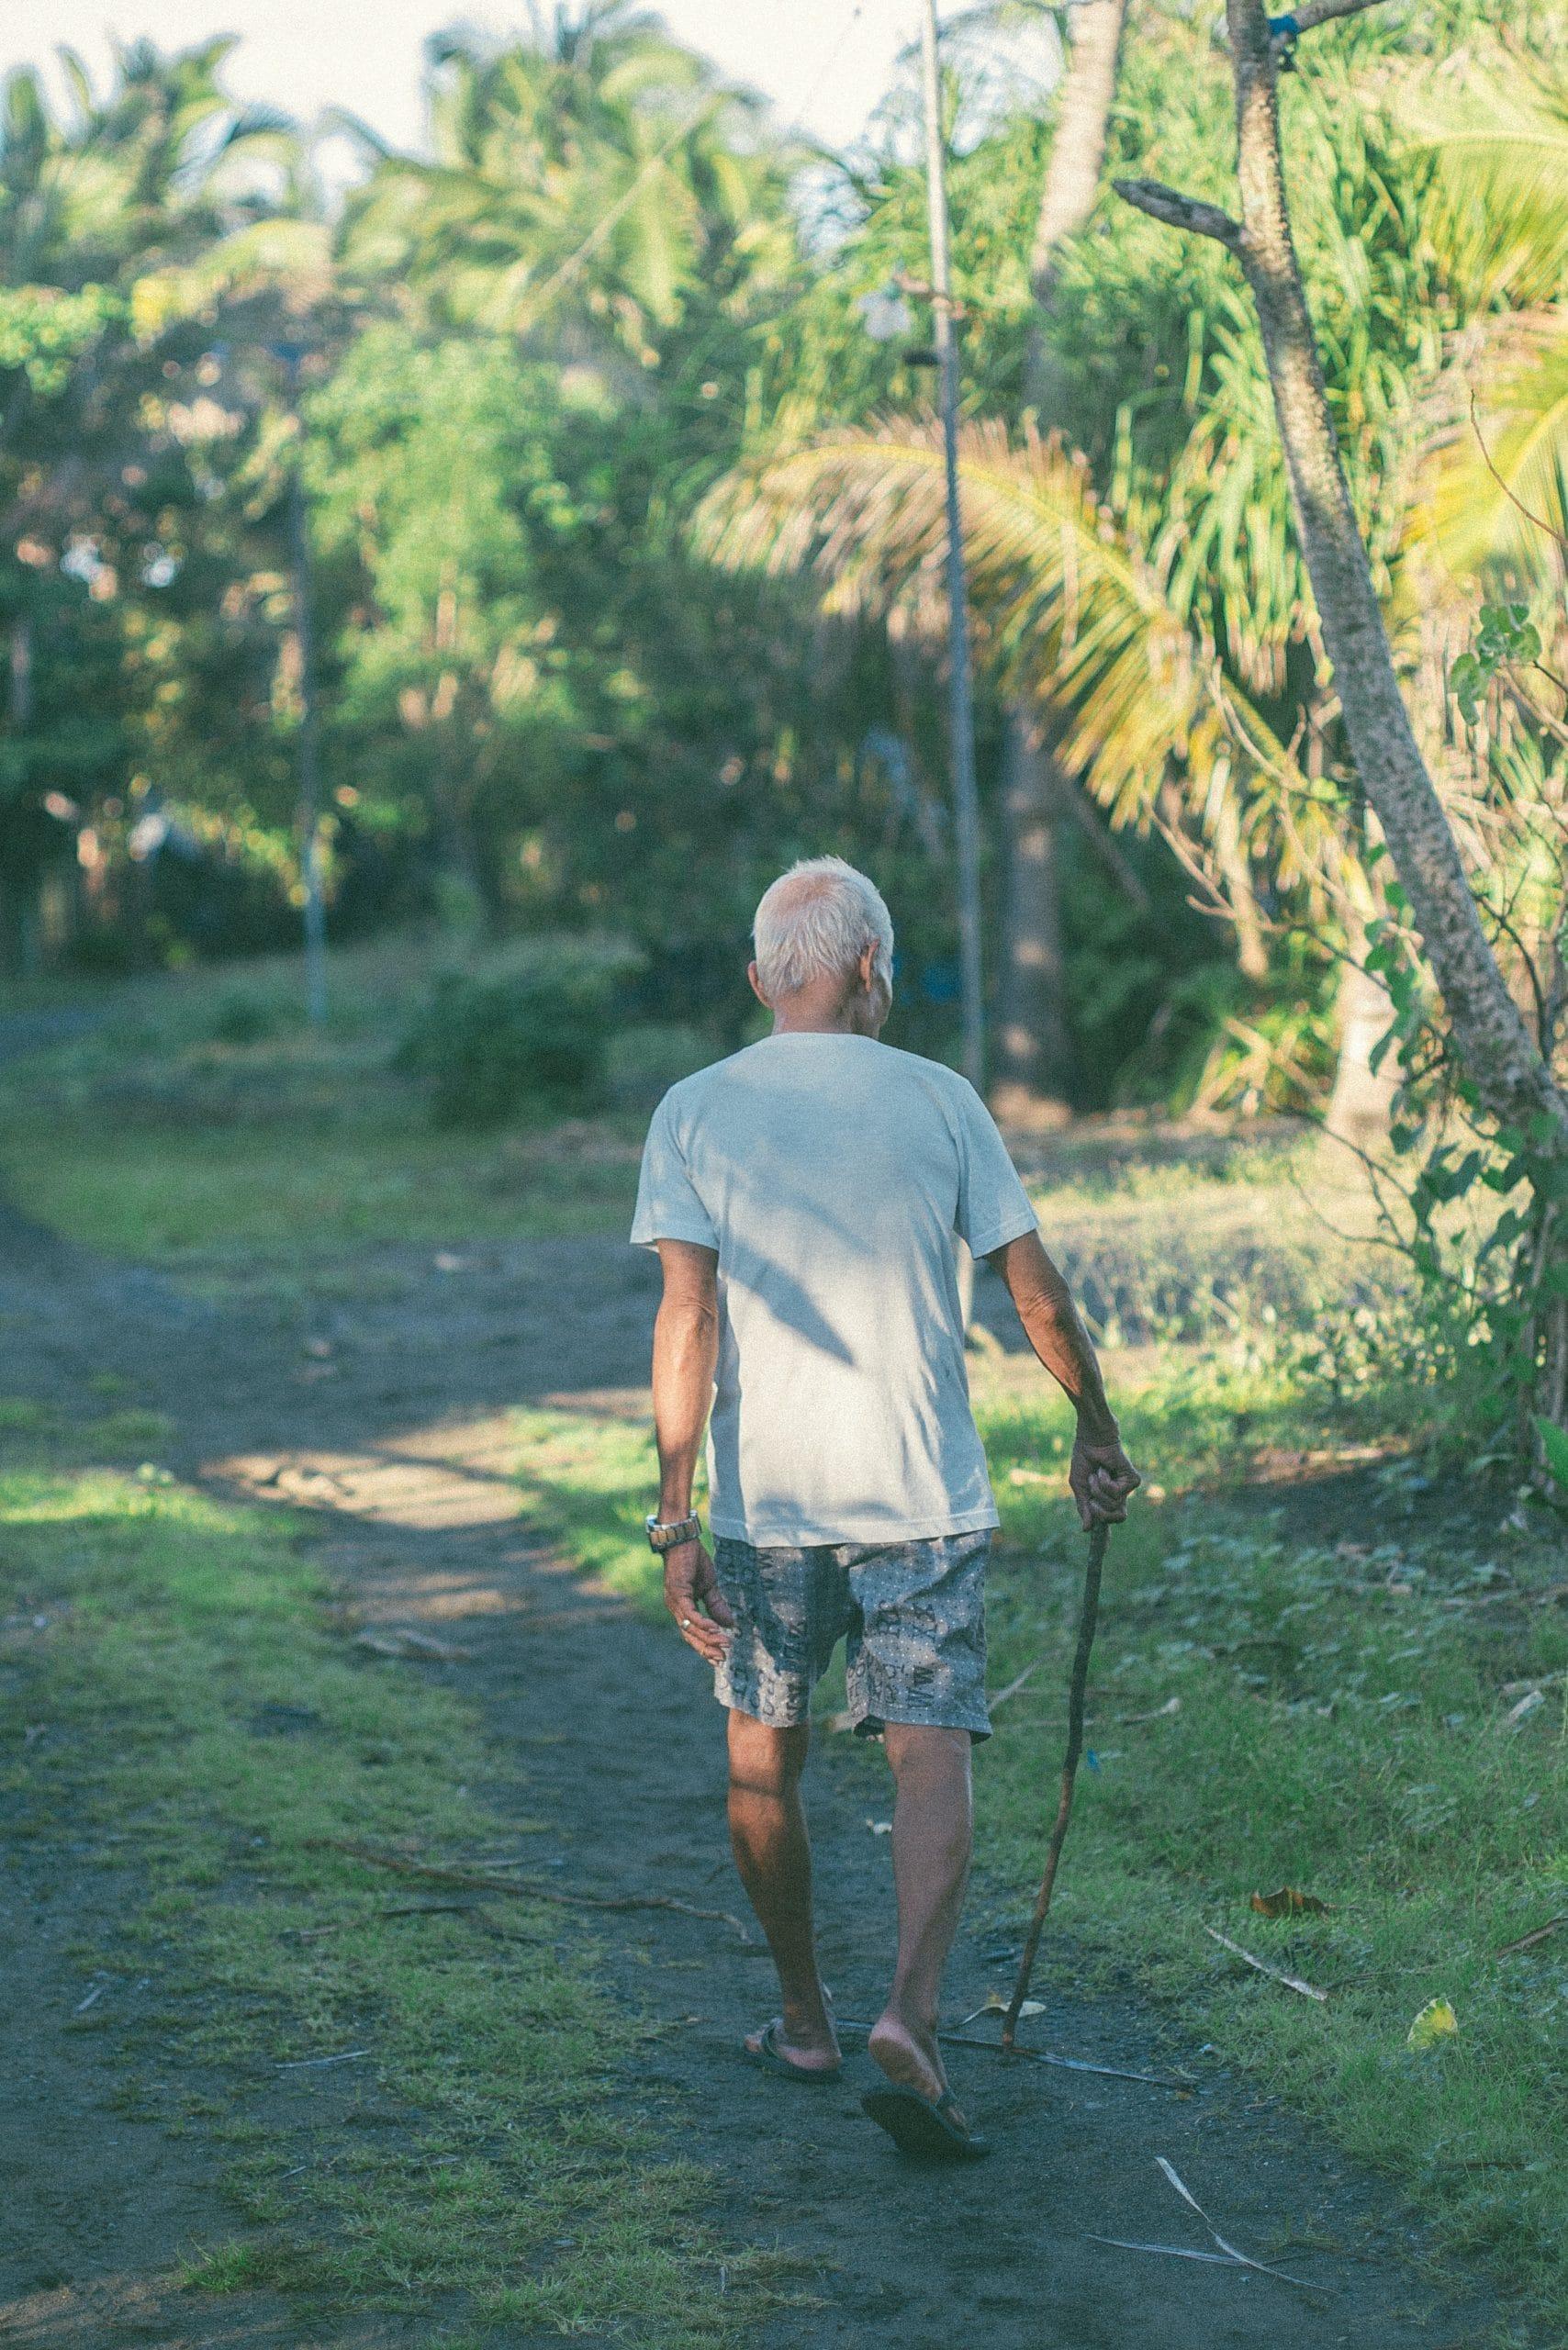 camminata lenta, sintomi della vecchiaia